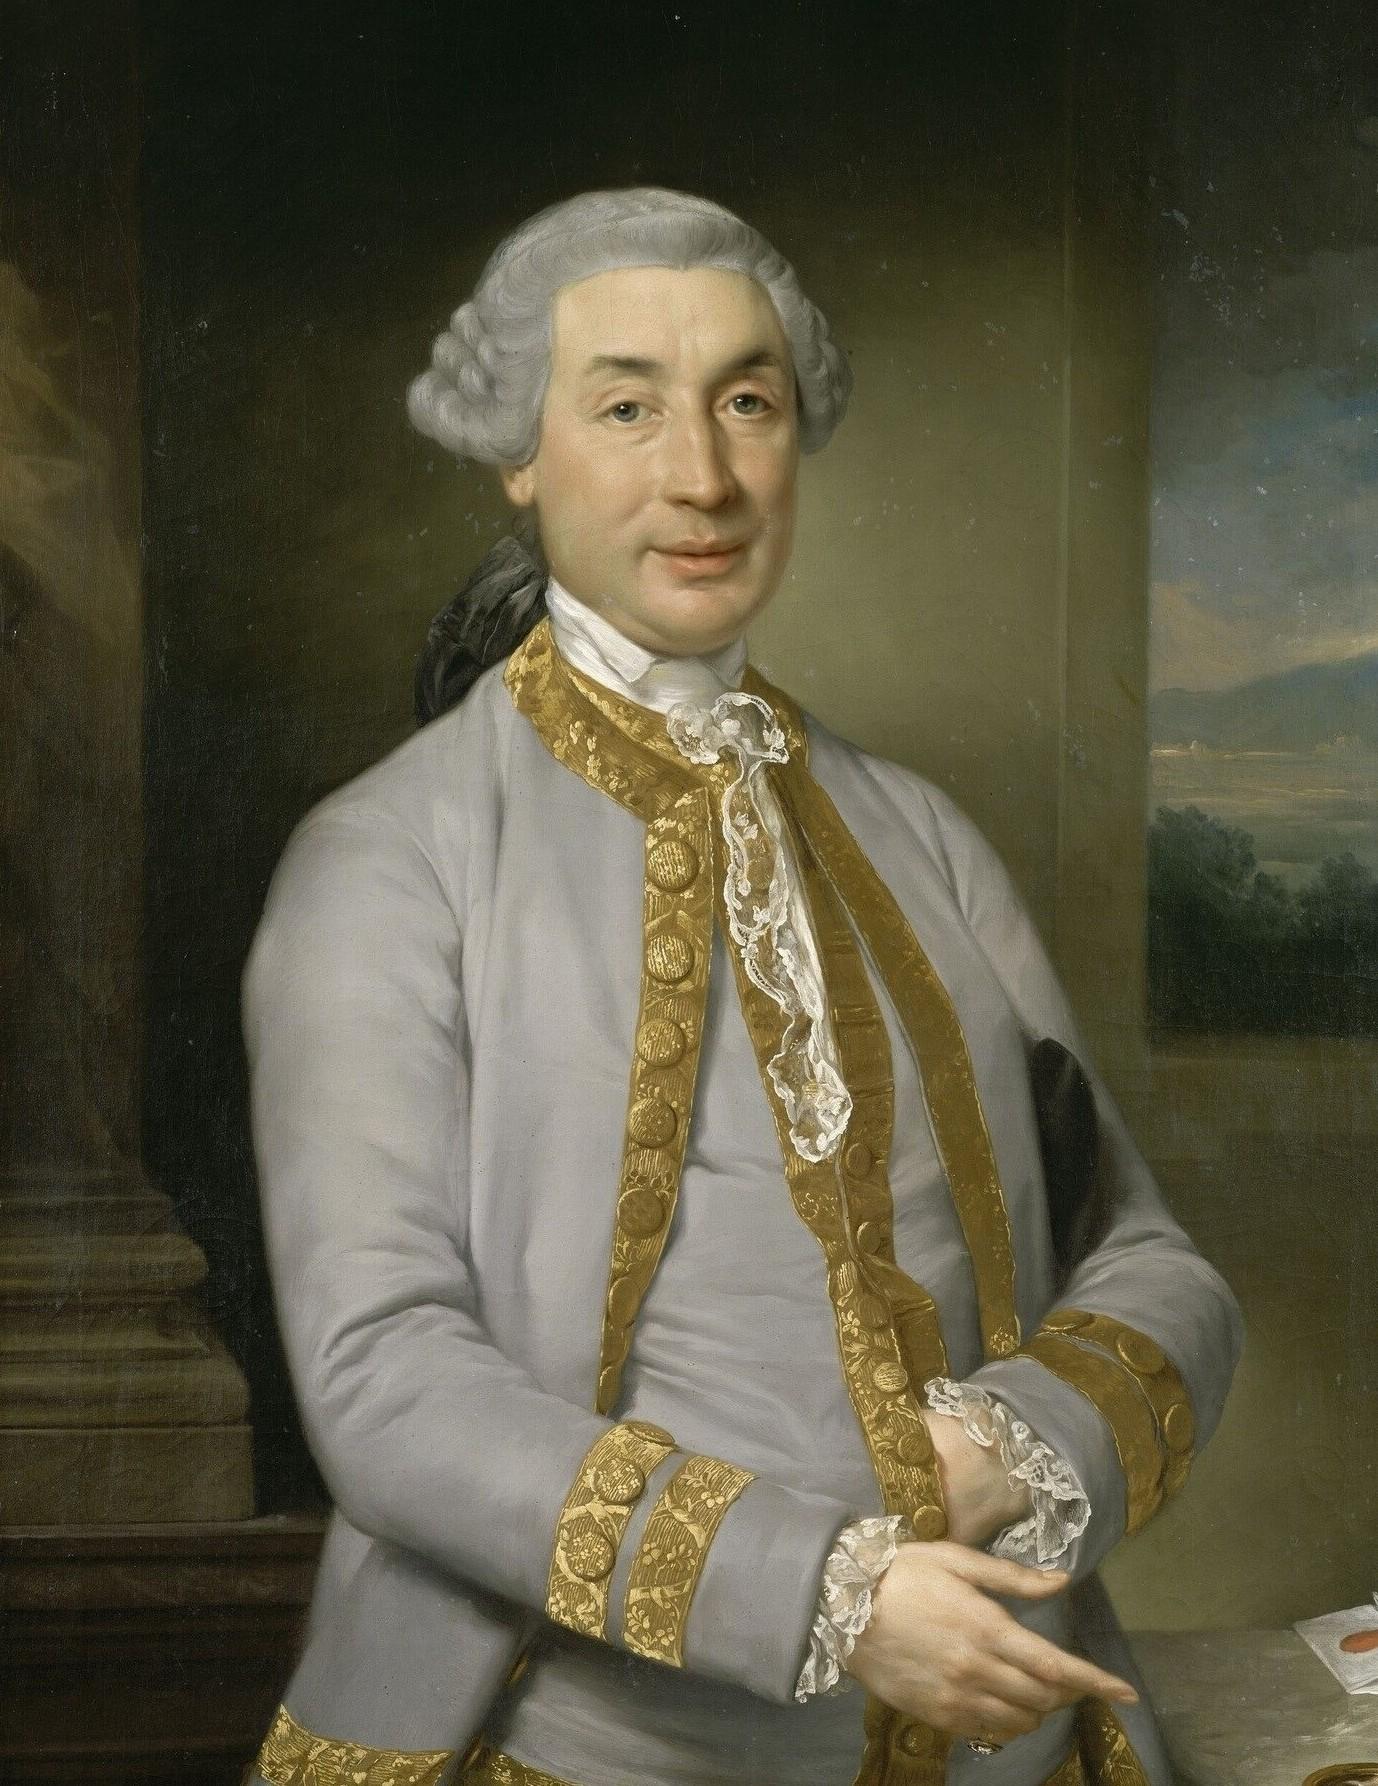 Vater von Napoleon